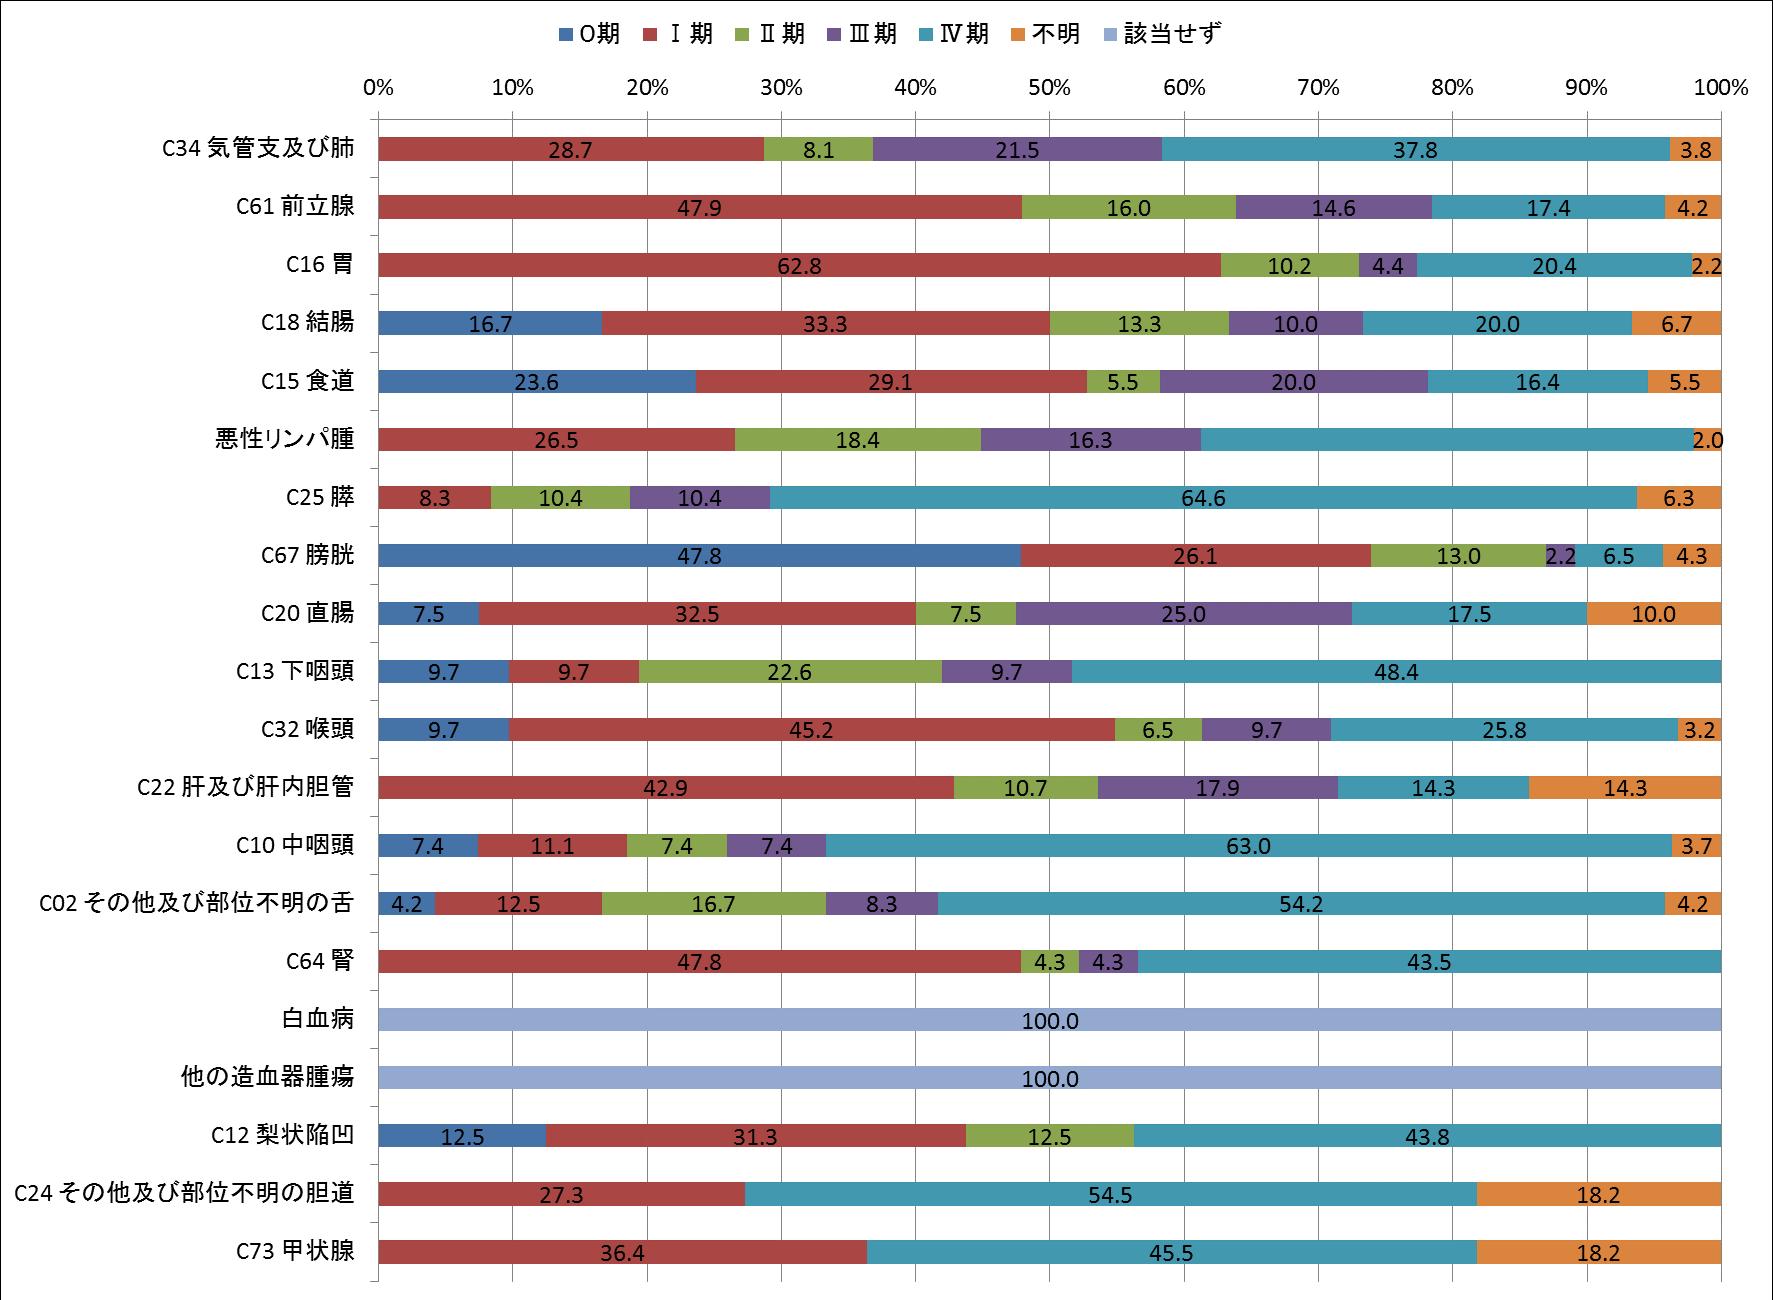 図8-2 ステージ別登録数(c-STAGE)(男、登録数2桁以上のみ)